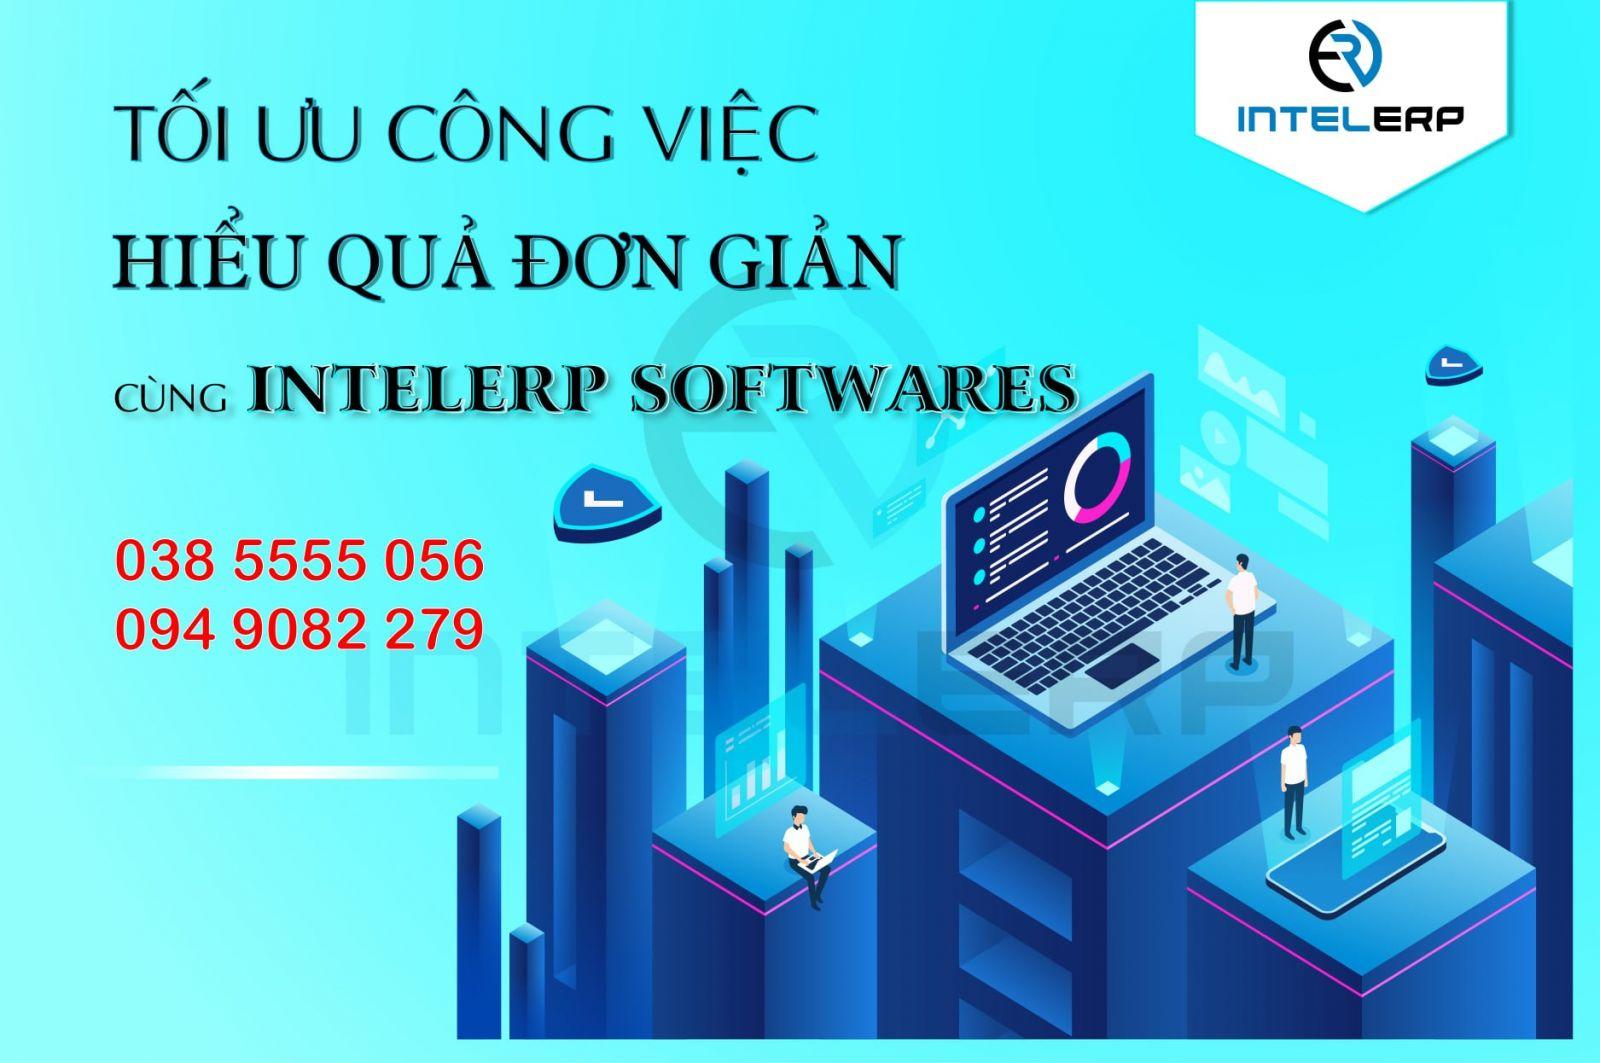 Tối ưu công việc hiệu quả đơn giản cùng IntelERP Softwares